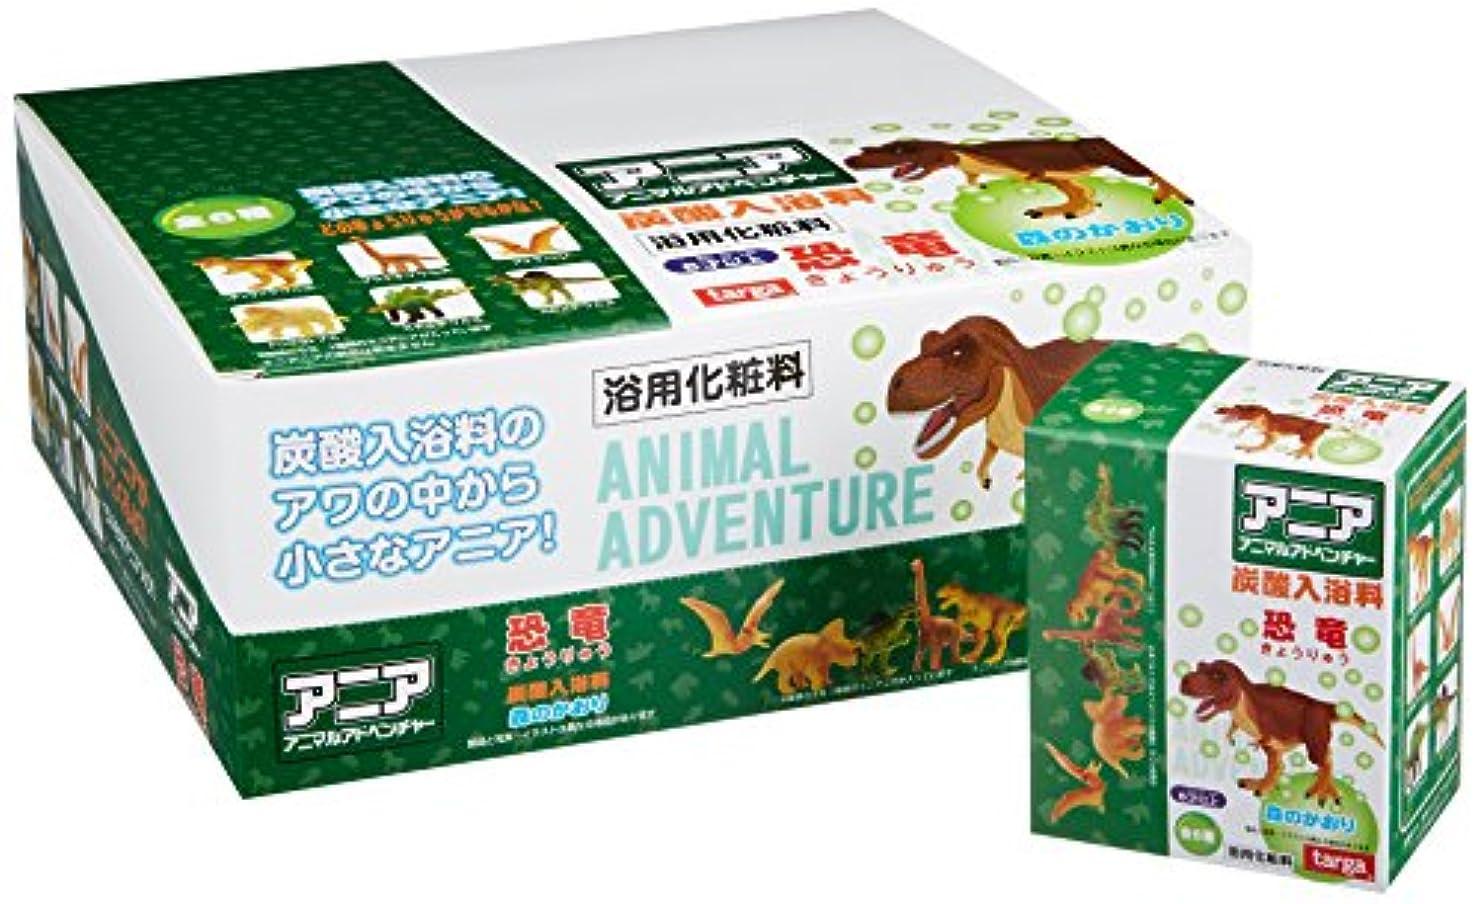 ピケエイリアスステープルアニア アニマルアドベンチャー 恐竜 炭酸入浴料 BOX